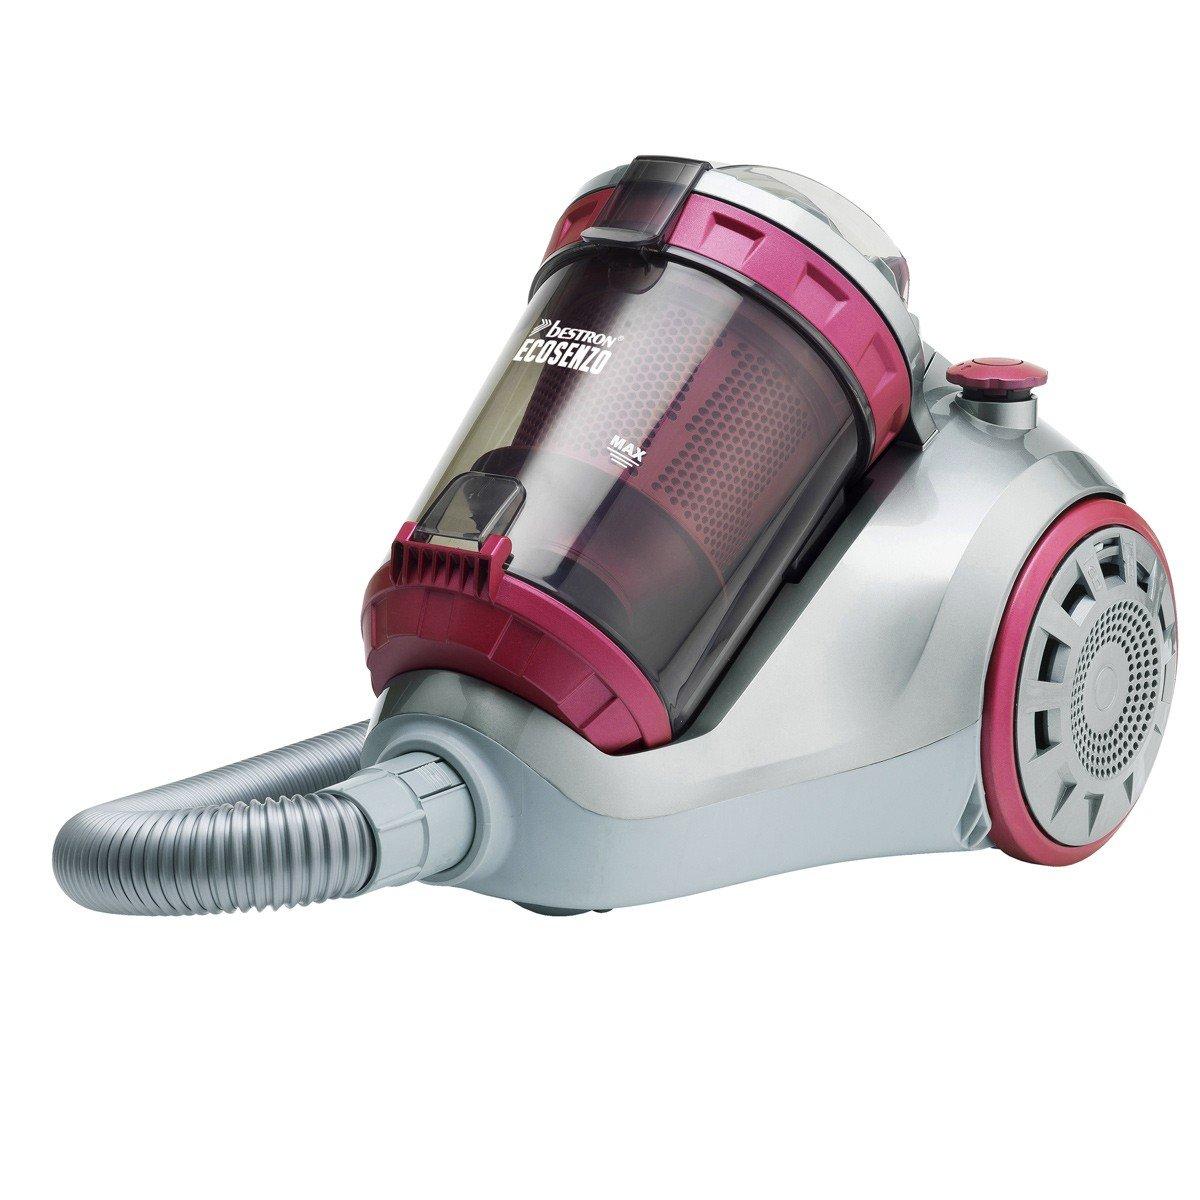 Bestron Ecosenzo - Aspiradora (1200 W, A, 26,7 kWh, 220-240, 50/60, Aspiradora cilíndrica): Amazon.es: Hogar